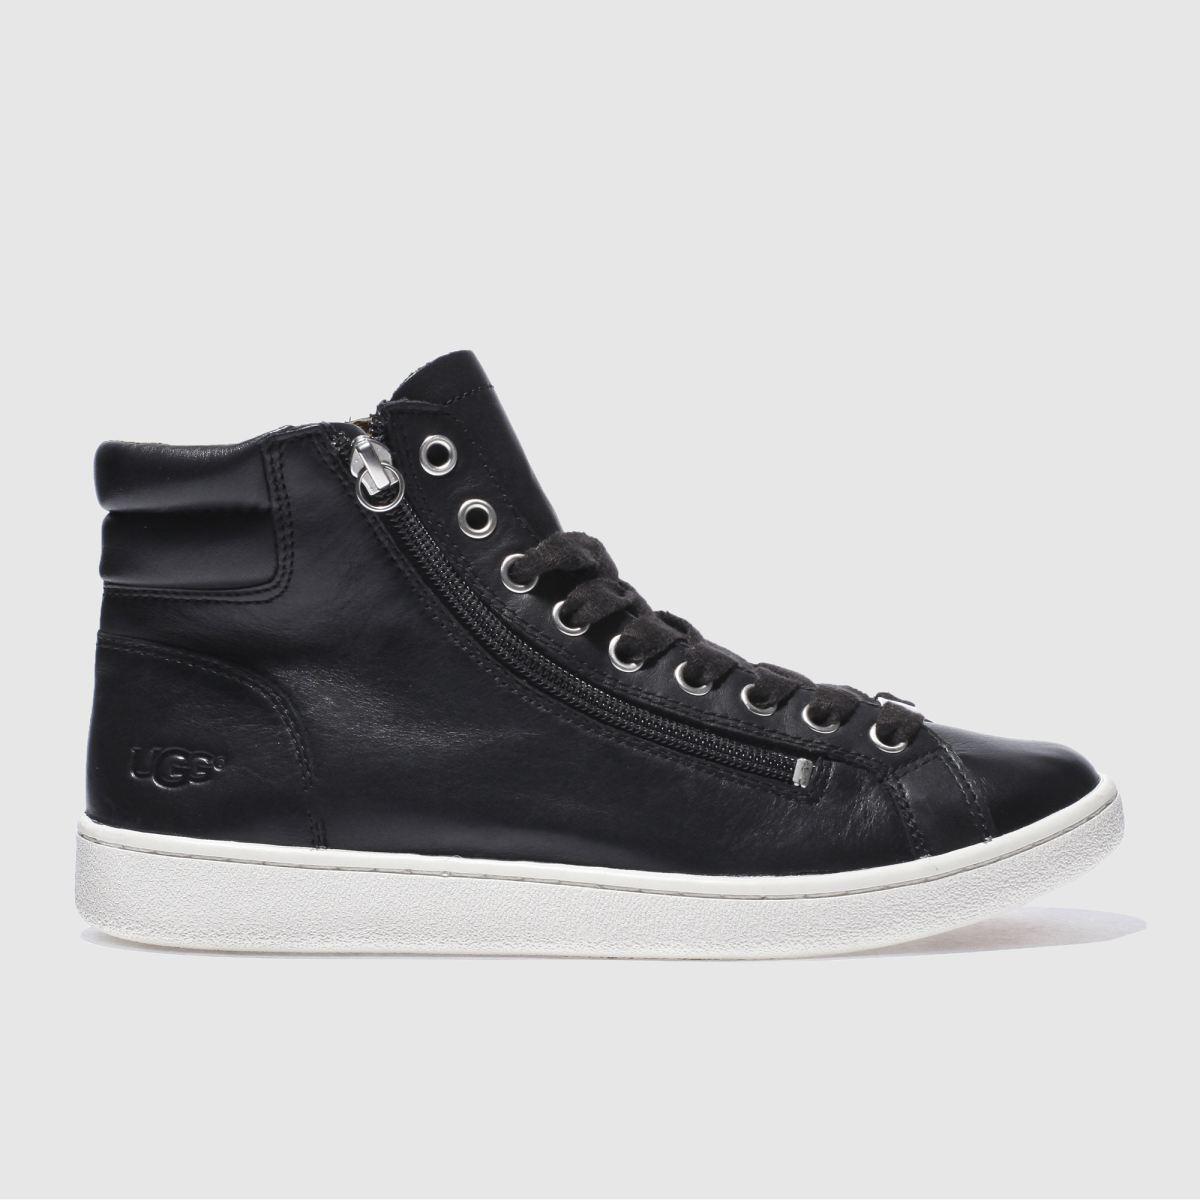 Ugg Black & White Olive Boots